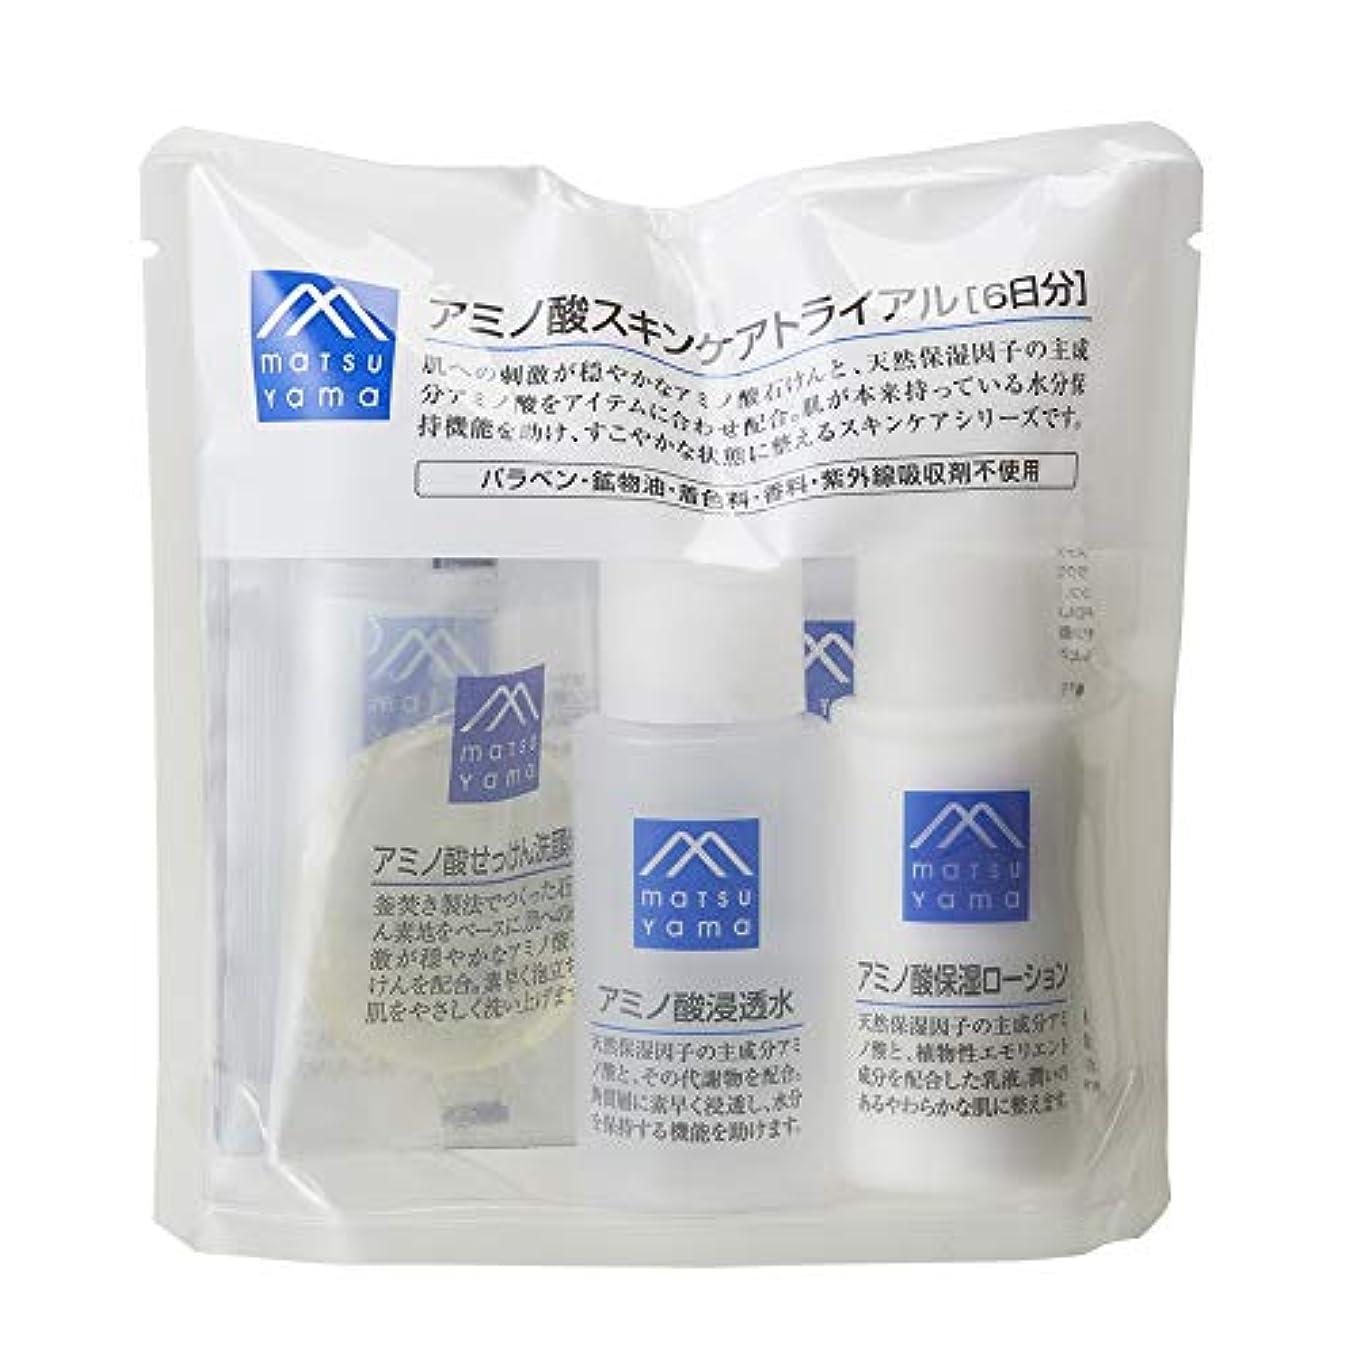 山積みの無実荒野Mマーク(M-mark) アミノ酸スキンケアトライアル セット アミノ酸せっけん洗顔料(枠練り石けん)標準重量12g×1個/アミノ酸せっけん洗顔フォーム(洗顔フォーム)2g×2包/アミノ酸浸透水(化粧水)30mL×1本/...